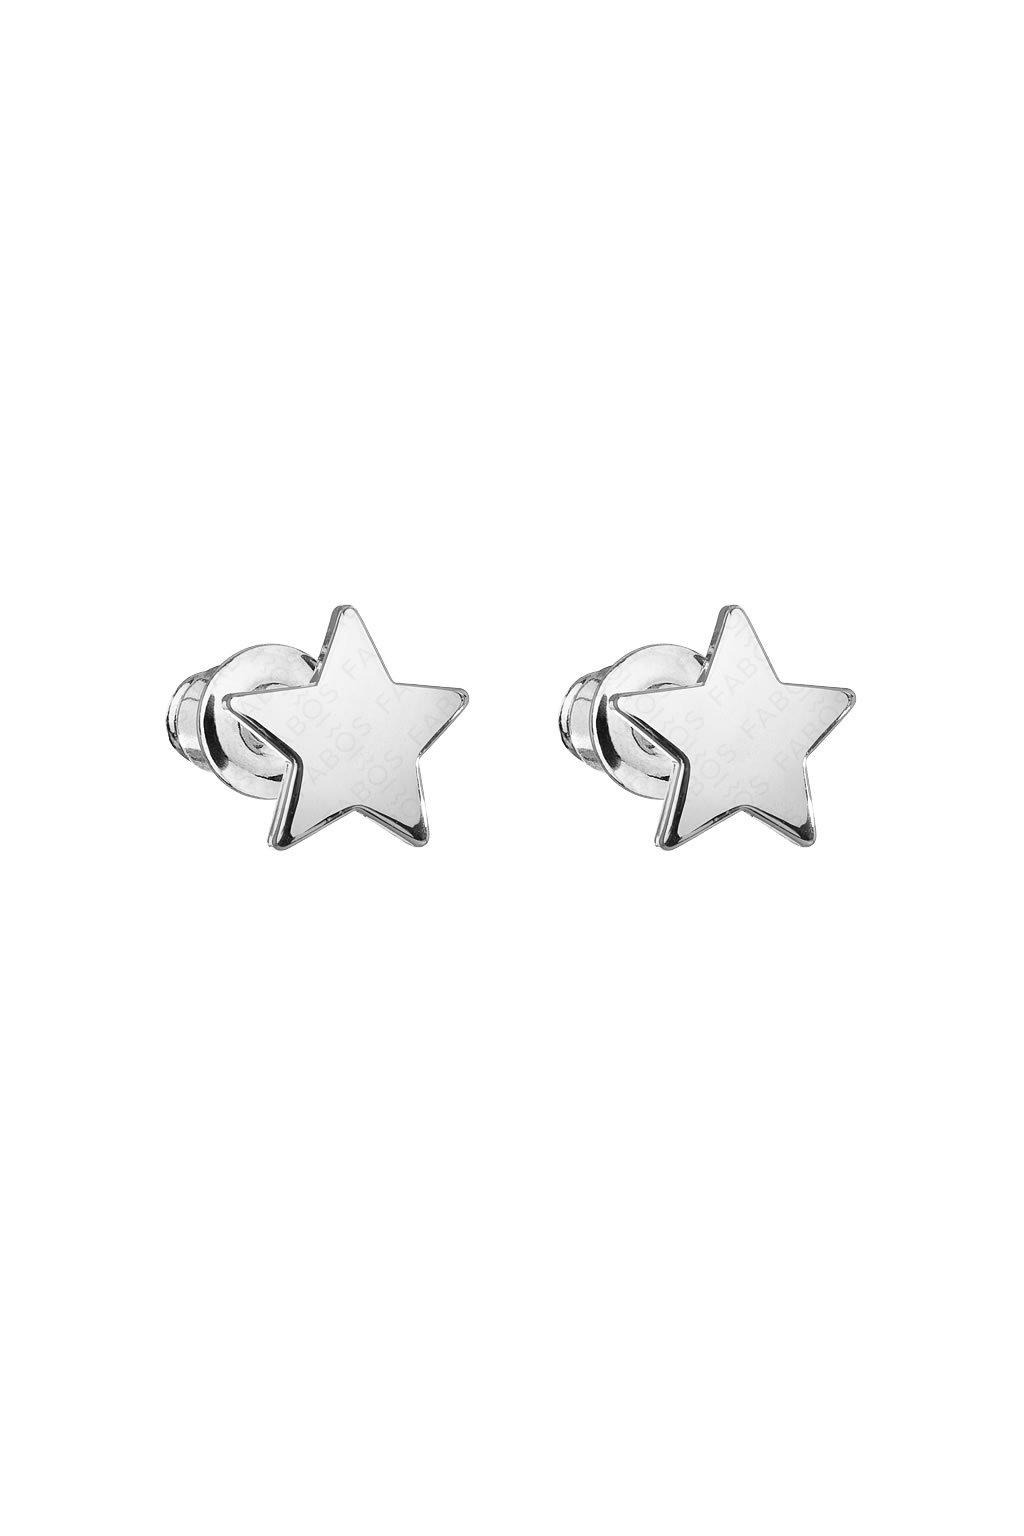 Náušnice Hvězda dívčí Swarovski